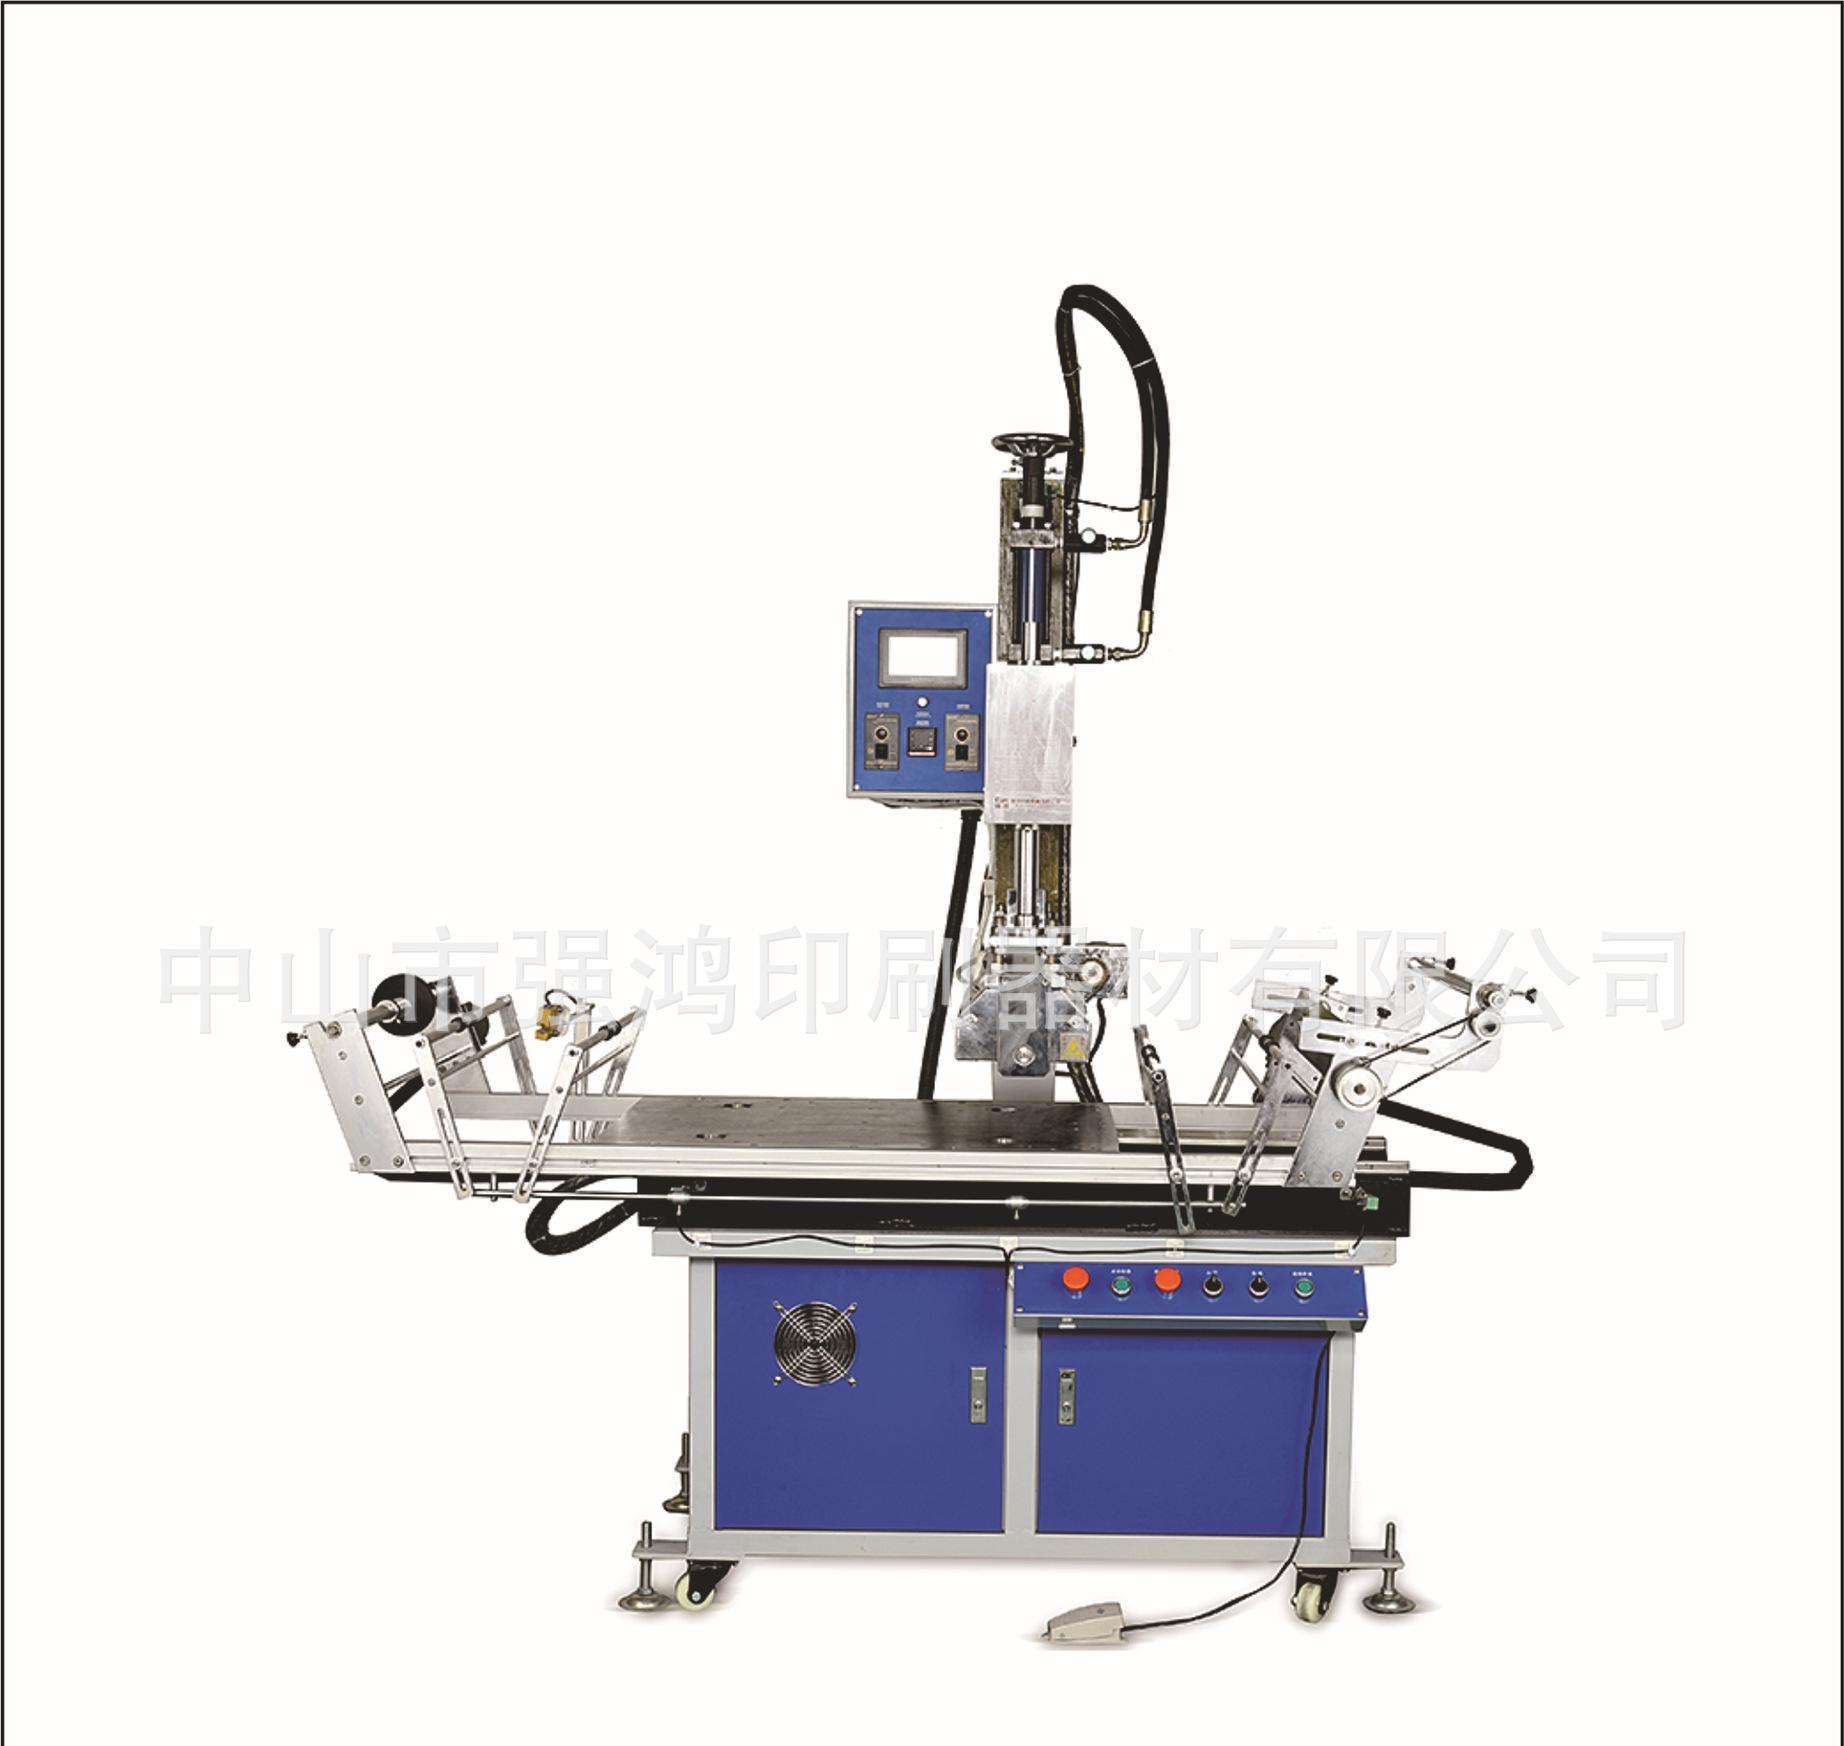 淄川周村卖杯子衣服印照片机器的厂家